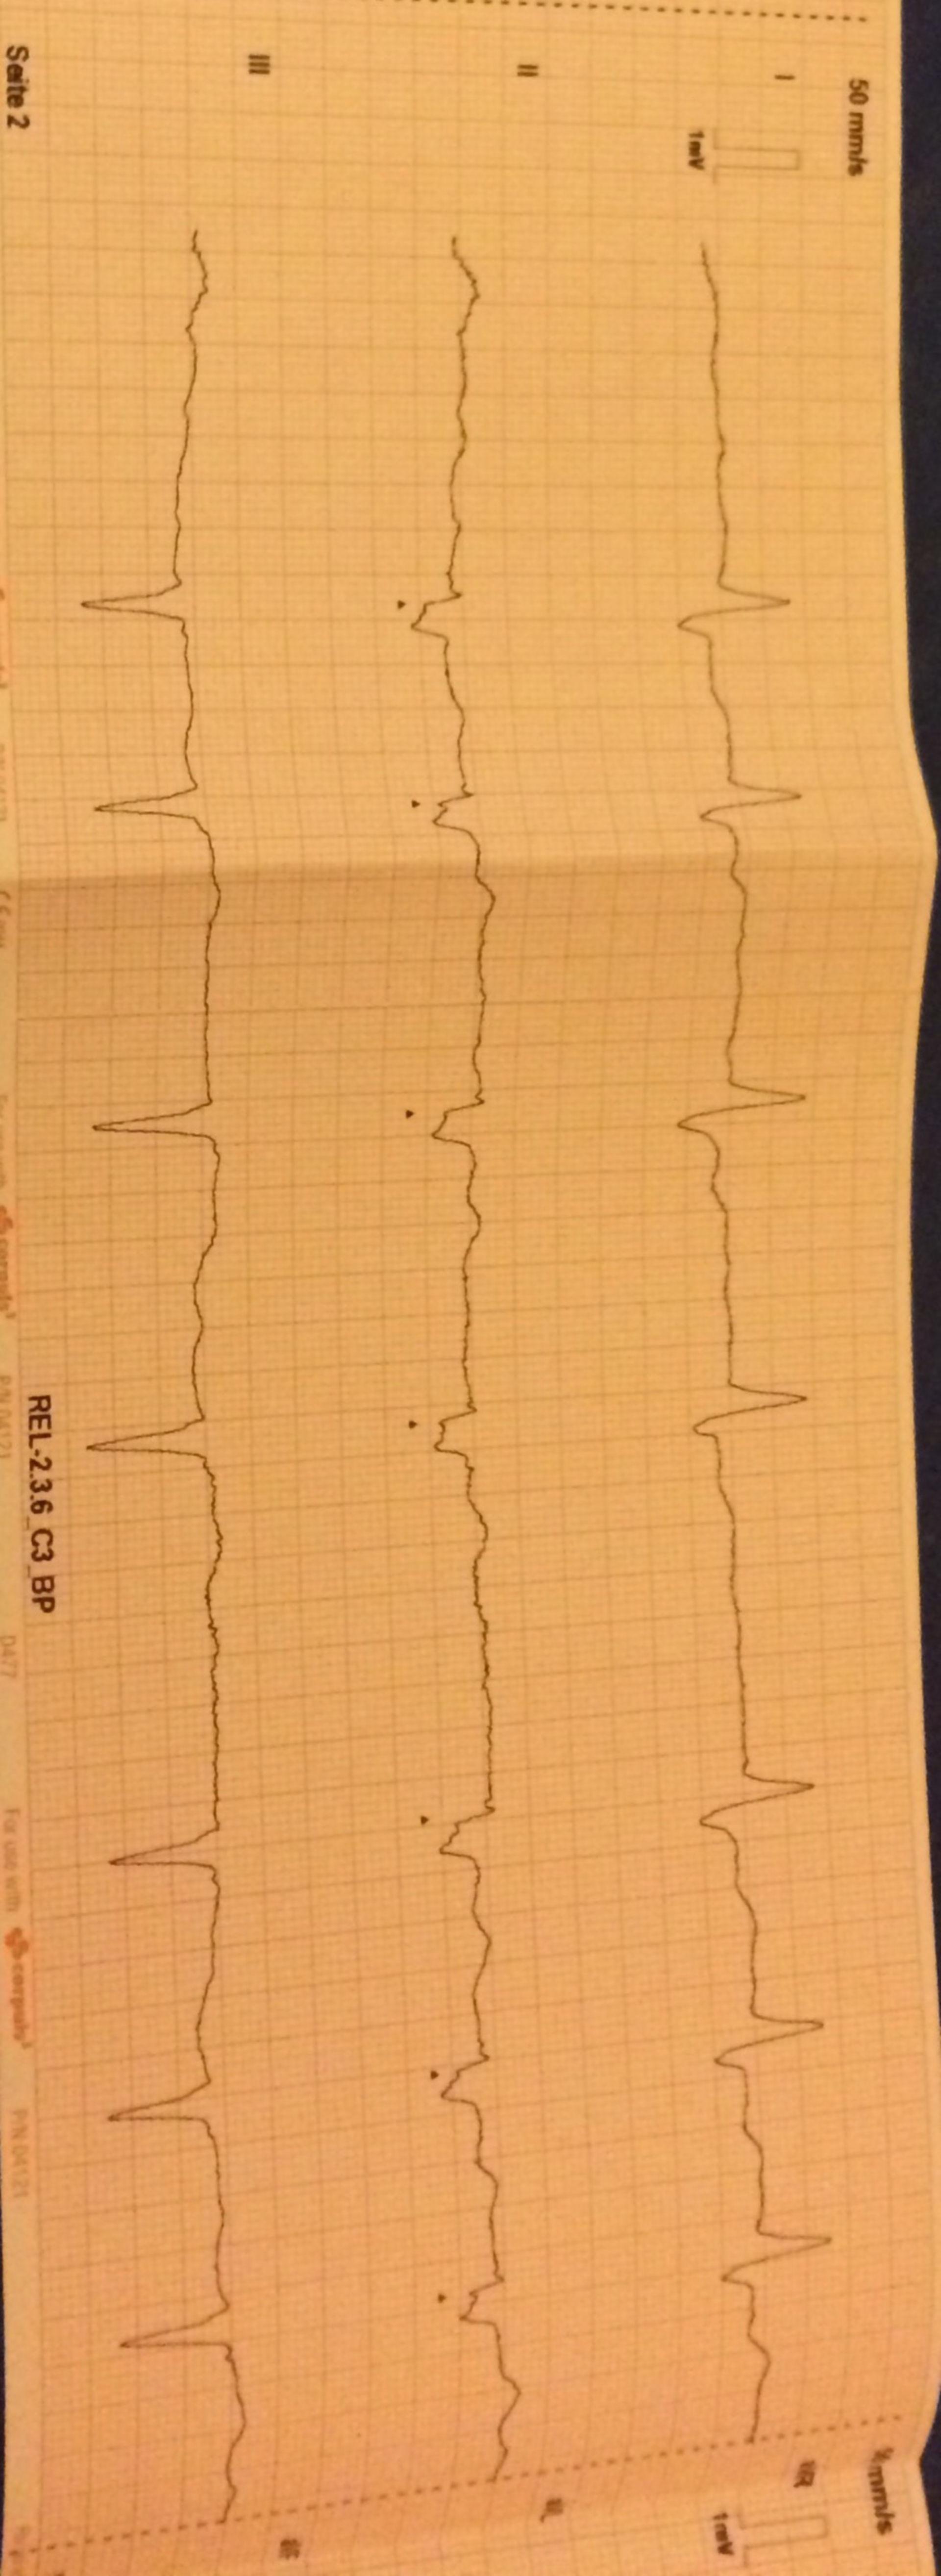 EKG Aufnahme einer 90-jährigen Patientin